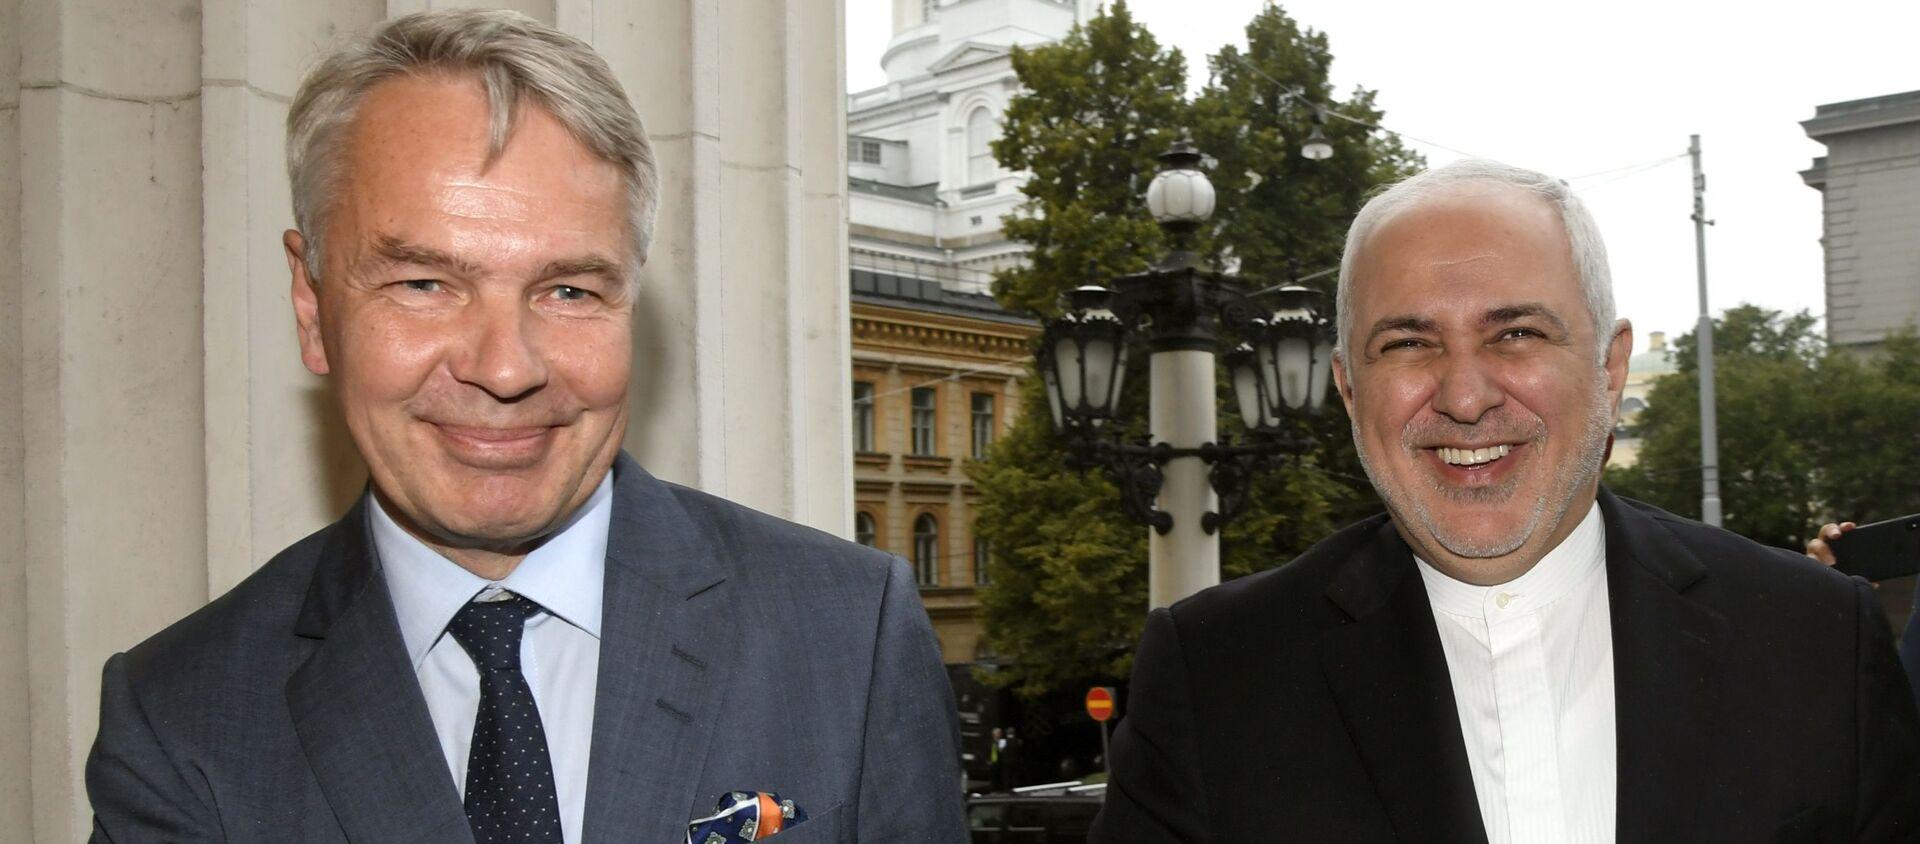 Il primo ministro della Finlandia Pekka Haavisto (L) ed il ministro degli Esteri dell'Iran Mohammed Javad Zarif a Helsinki - Sputnik Italia, 1920, 29.11.2019